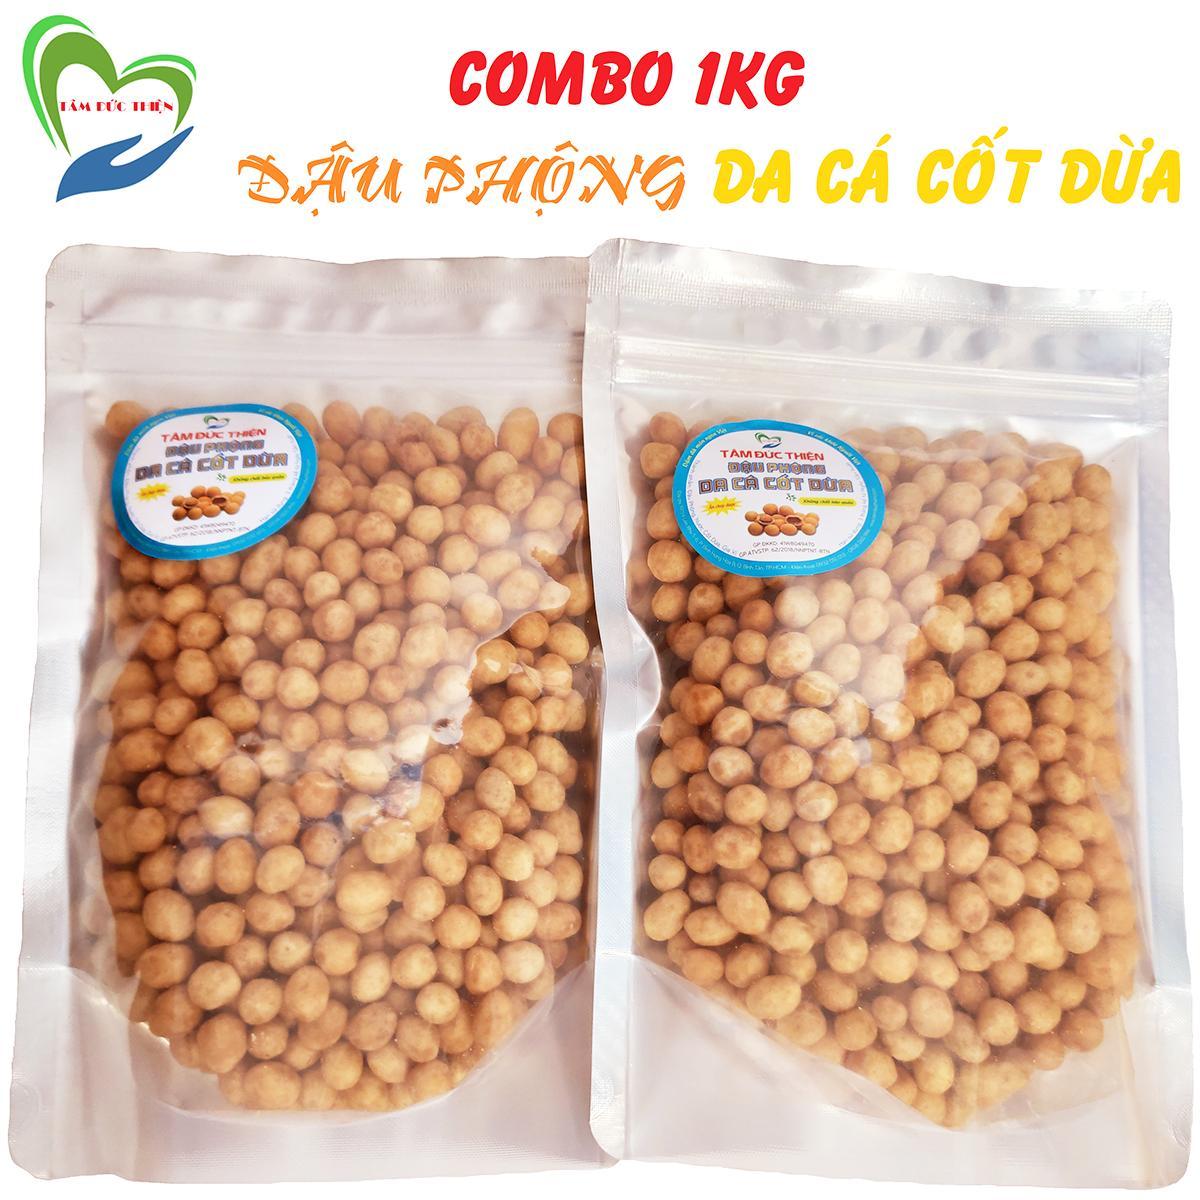 Coupon Ưu Đãi Combo 1KG Đậu Phộng Da Cá Nước Cốt Dừa (2 Túi ZIP 500GR) Thương Hiệu Tâm Đức Thiện - Đồ Ăn Vặt